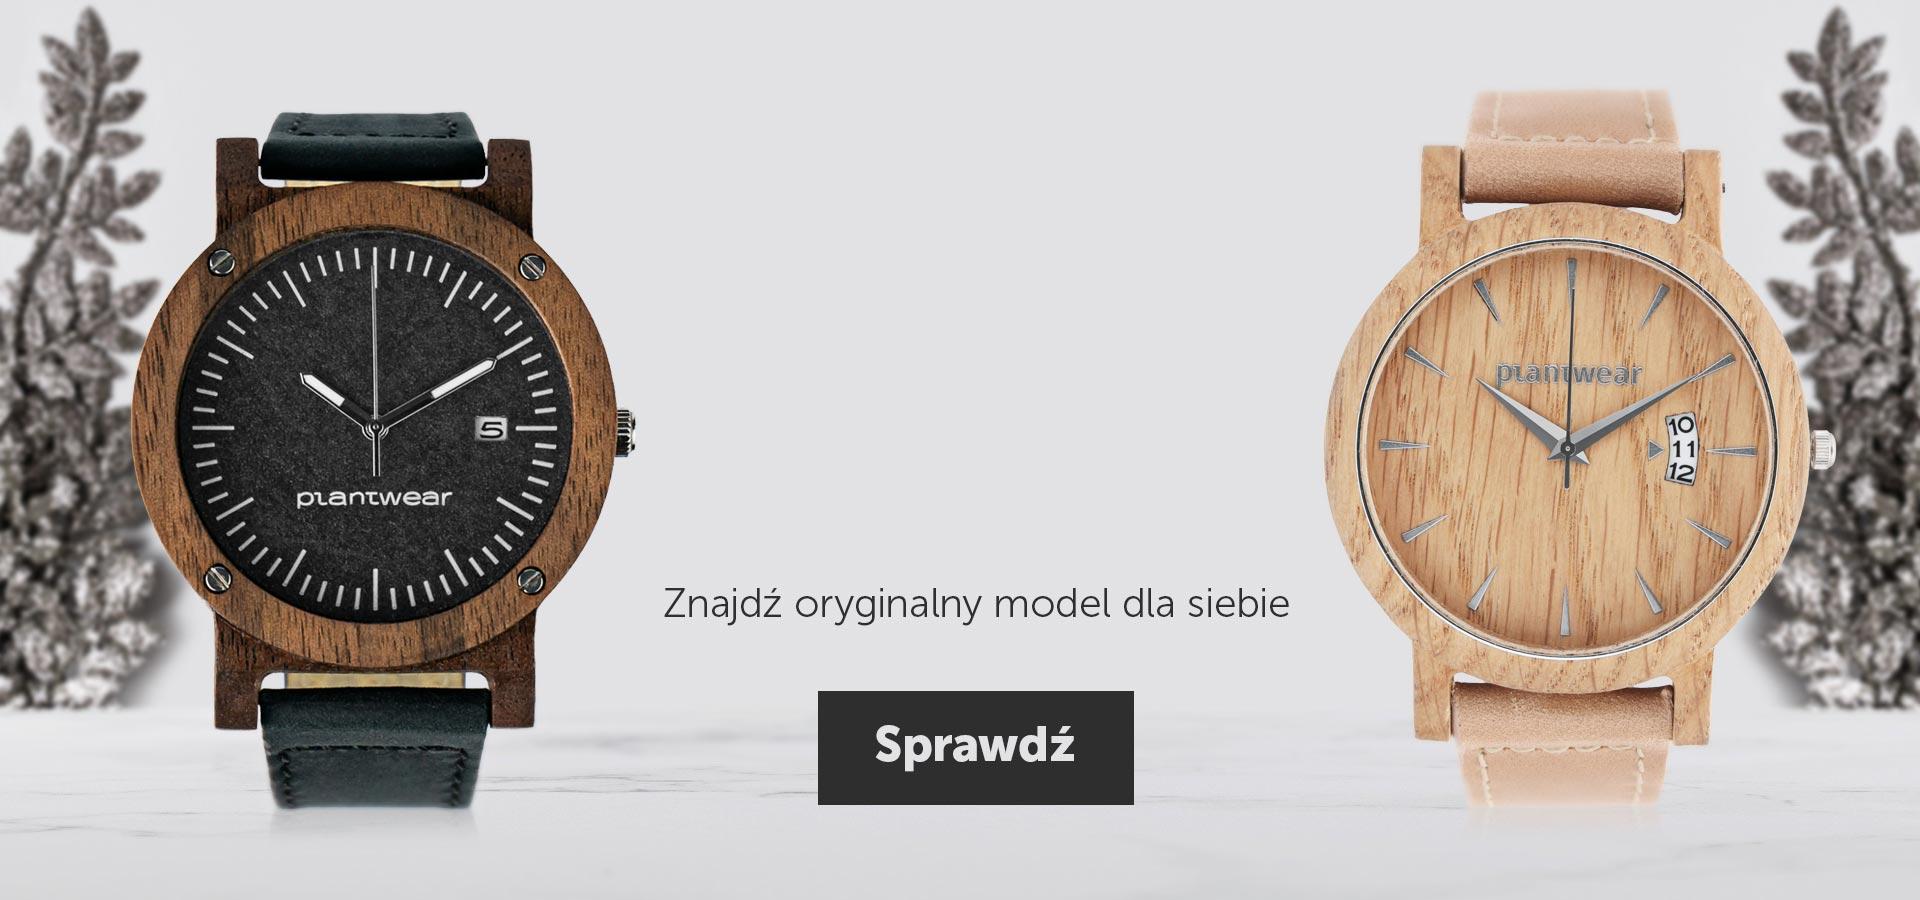 PL_SG_drewniane_zegarki_zima_1920x900 (1)